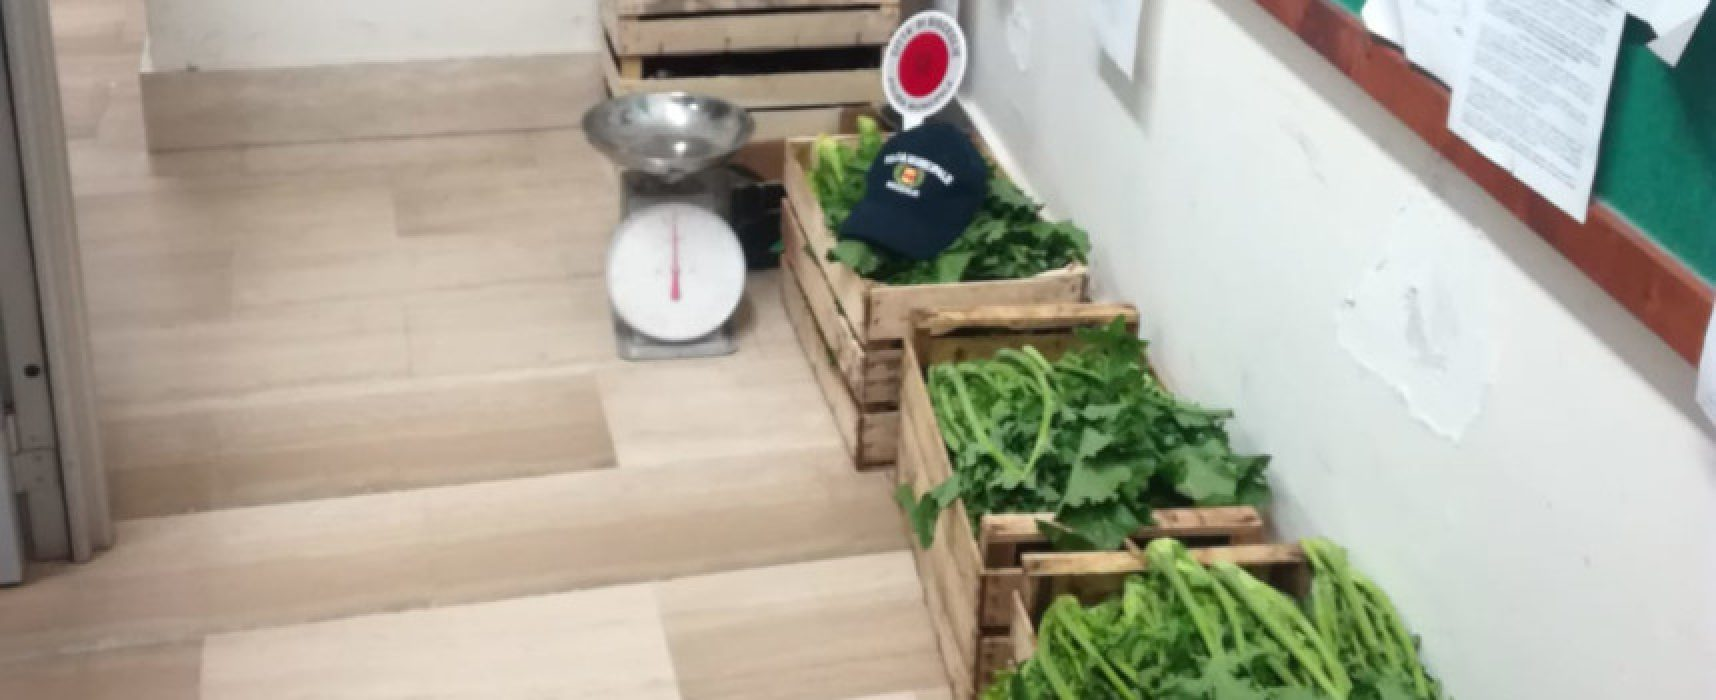 Controlli Polizia Locale al mercato: sequestro frutta e verdura, foglio di via per due donne